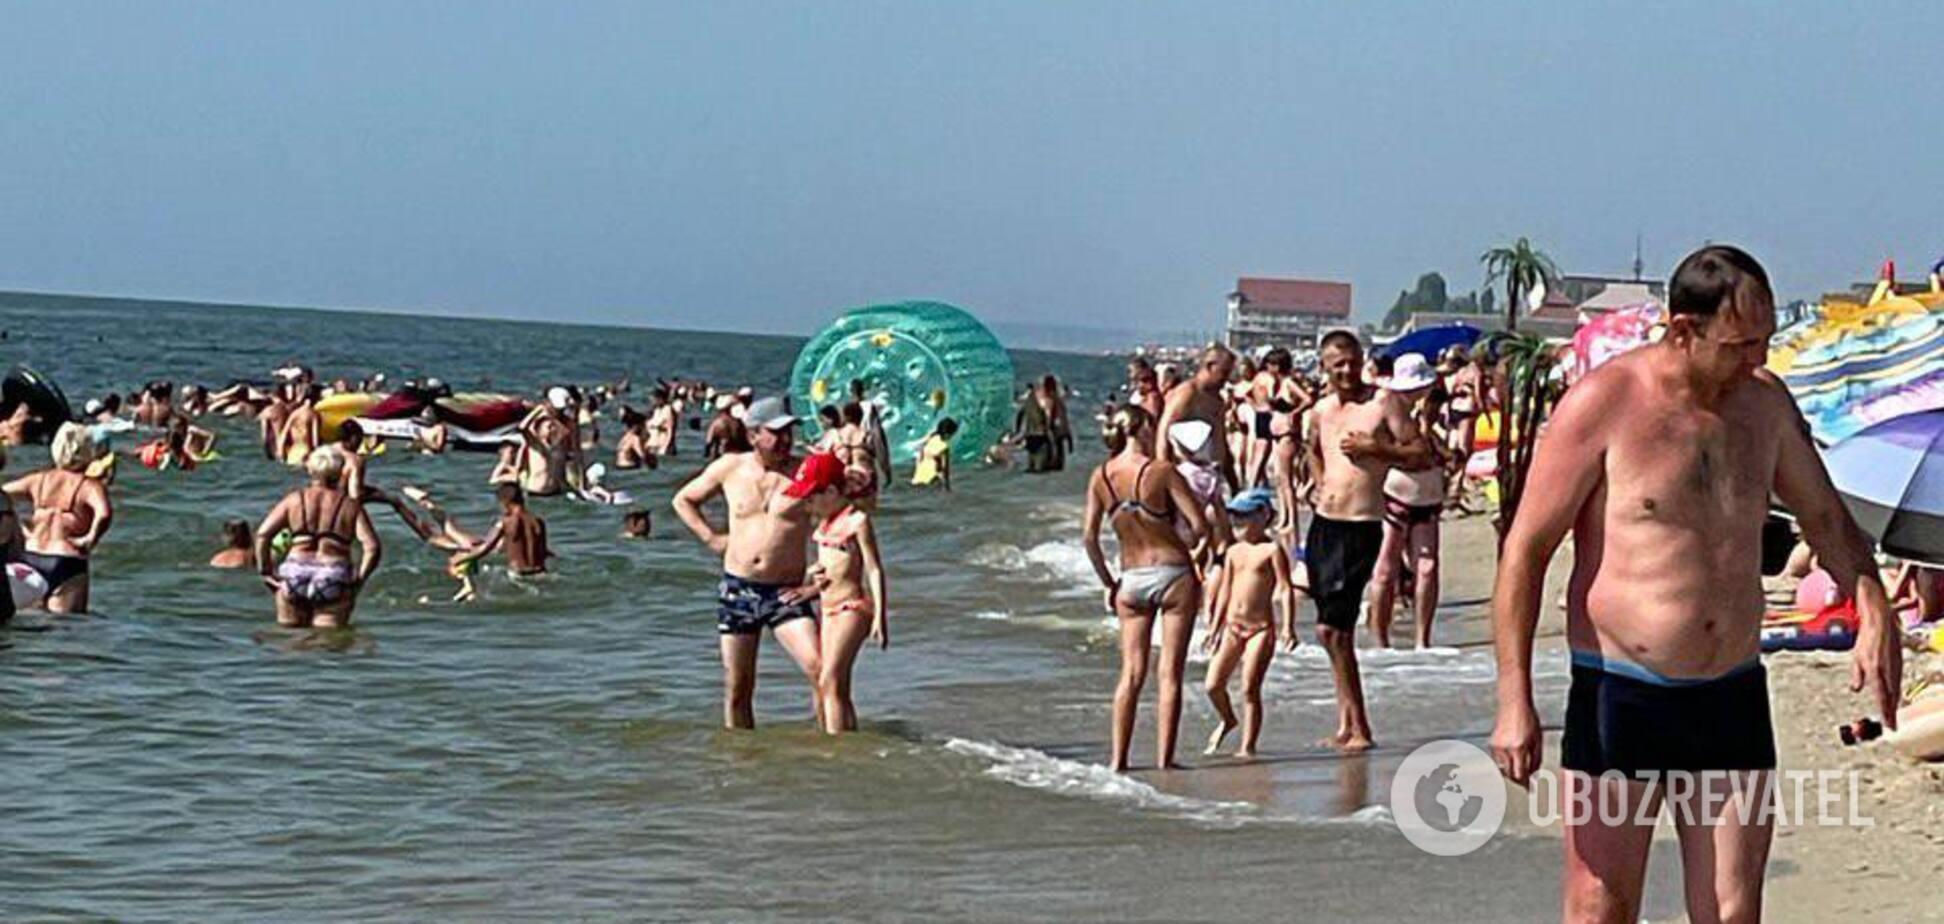 Одесская область переполнена туристами